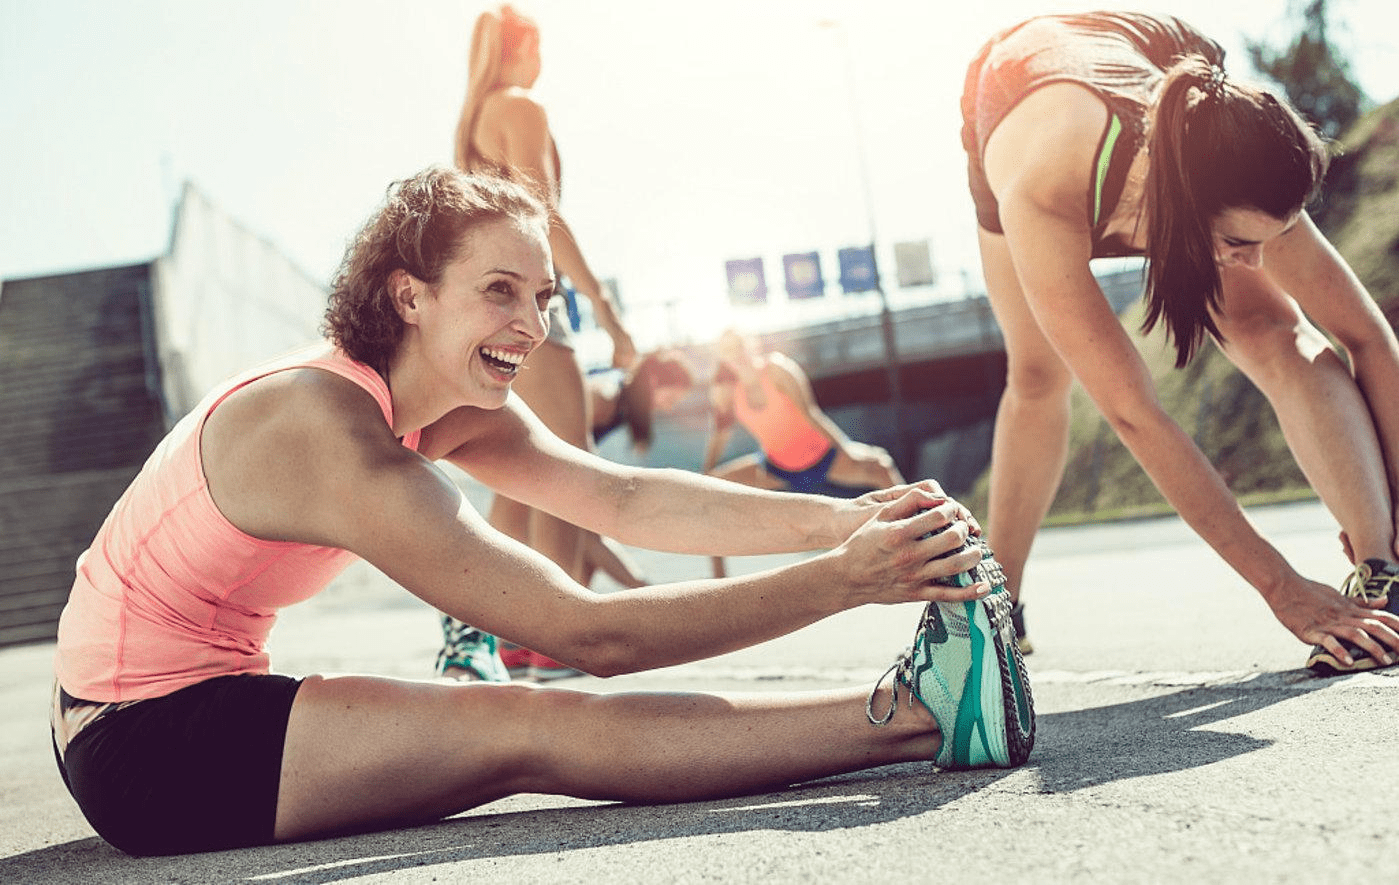 跑步这一项运动项目虽然比较简单,但是跑步之后的拉伸环节很重要_身体